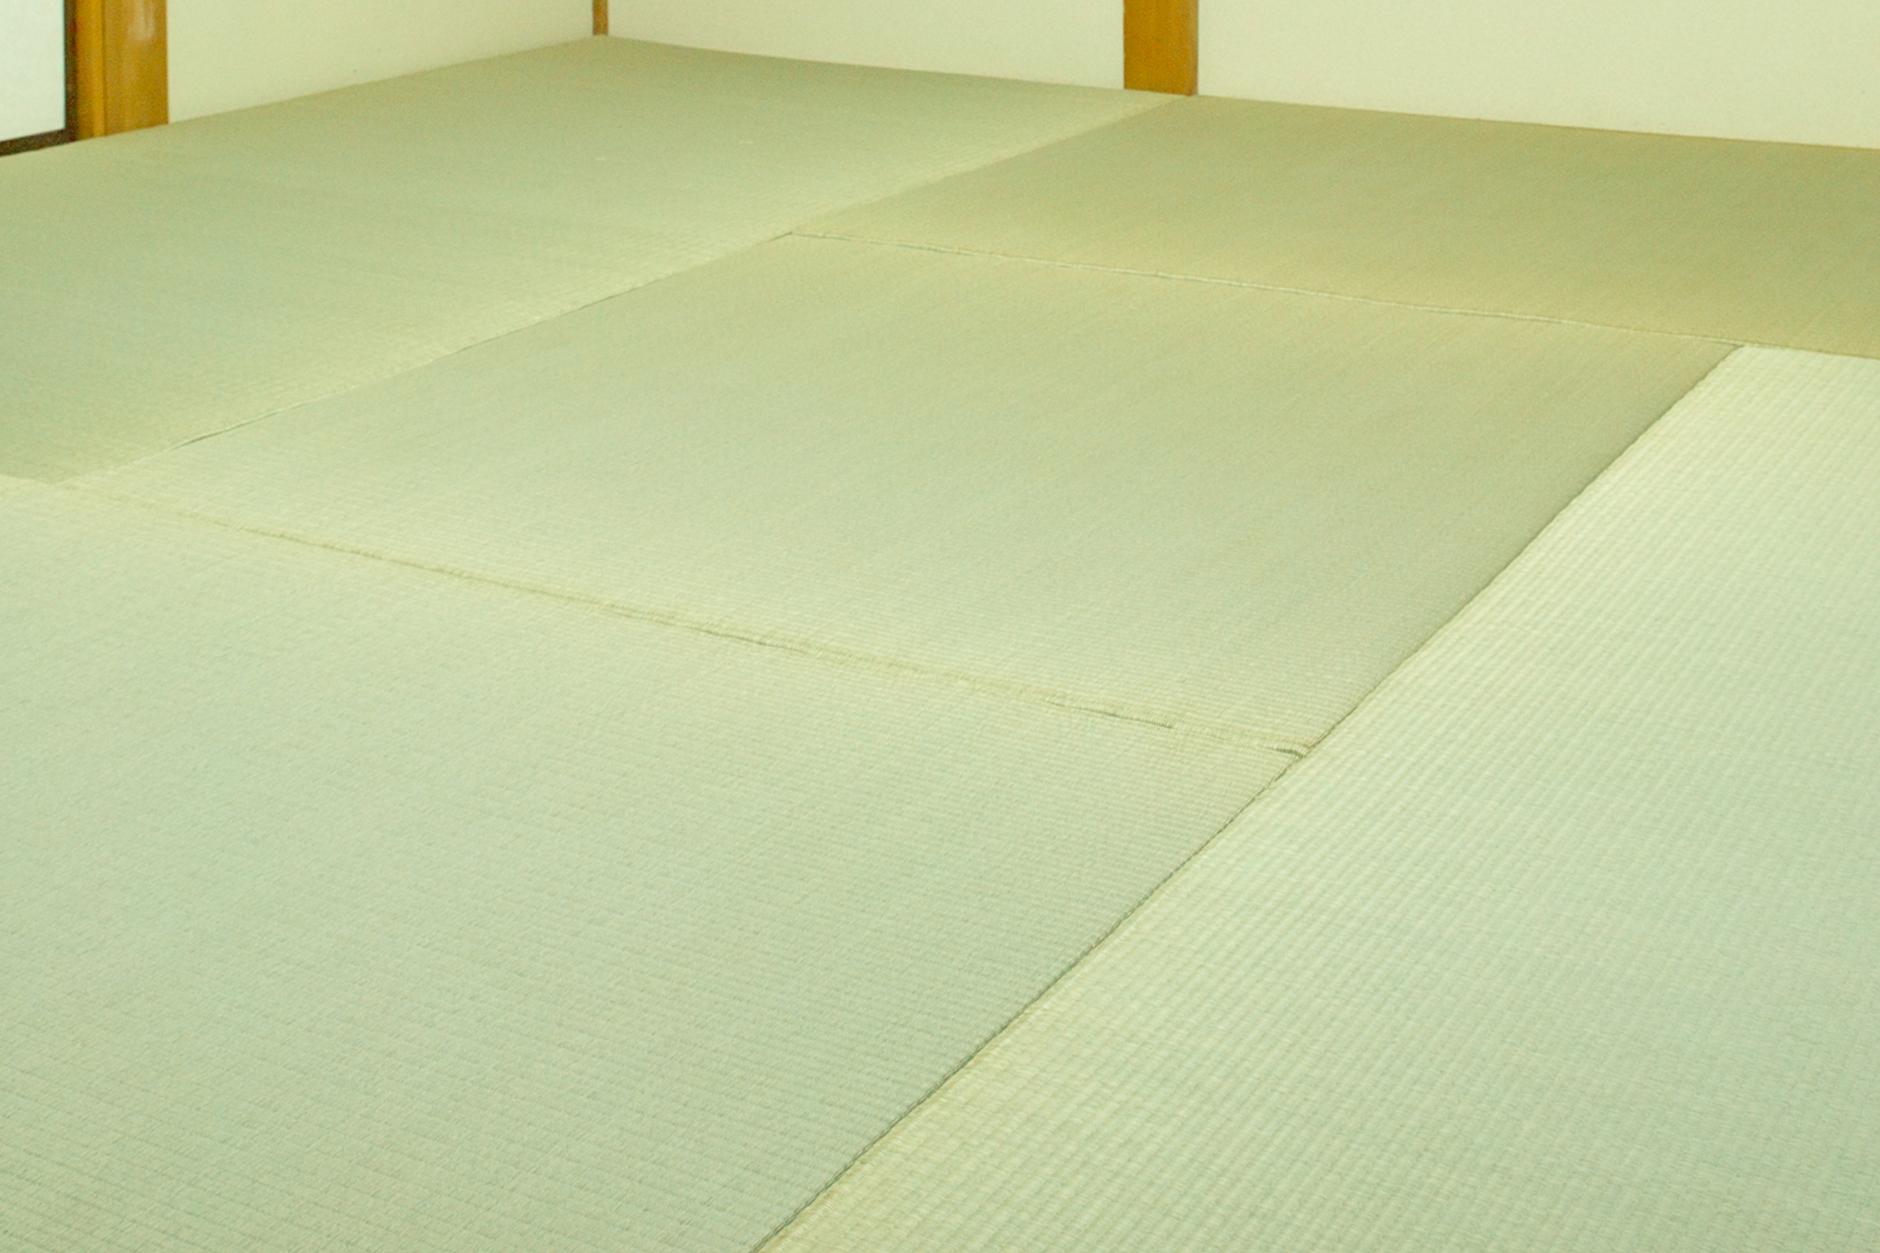 縁なし畳(琉球畳)の一畳サイズ四畳半の間